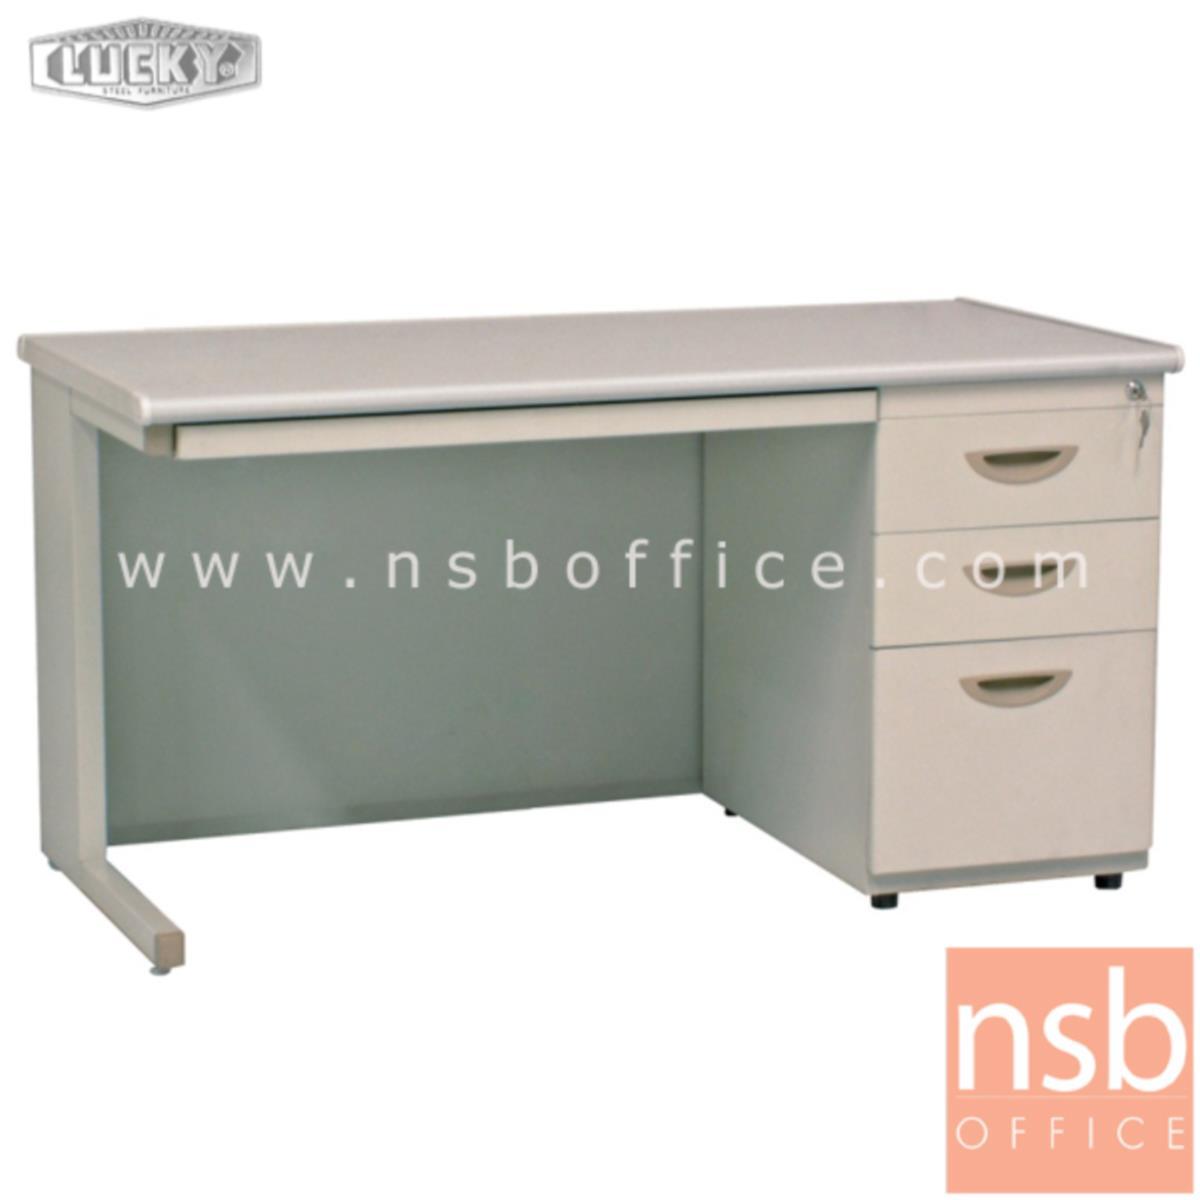 E28A114:โต๊ะทำงานเหล็กพร้อมรางคีย์บอร์ด 3 ลิ้นชักข้าง ยี่ห้อ Lucky  รุ่น DP3-70100,DP3-70120